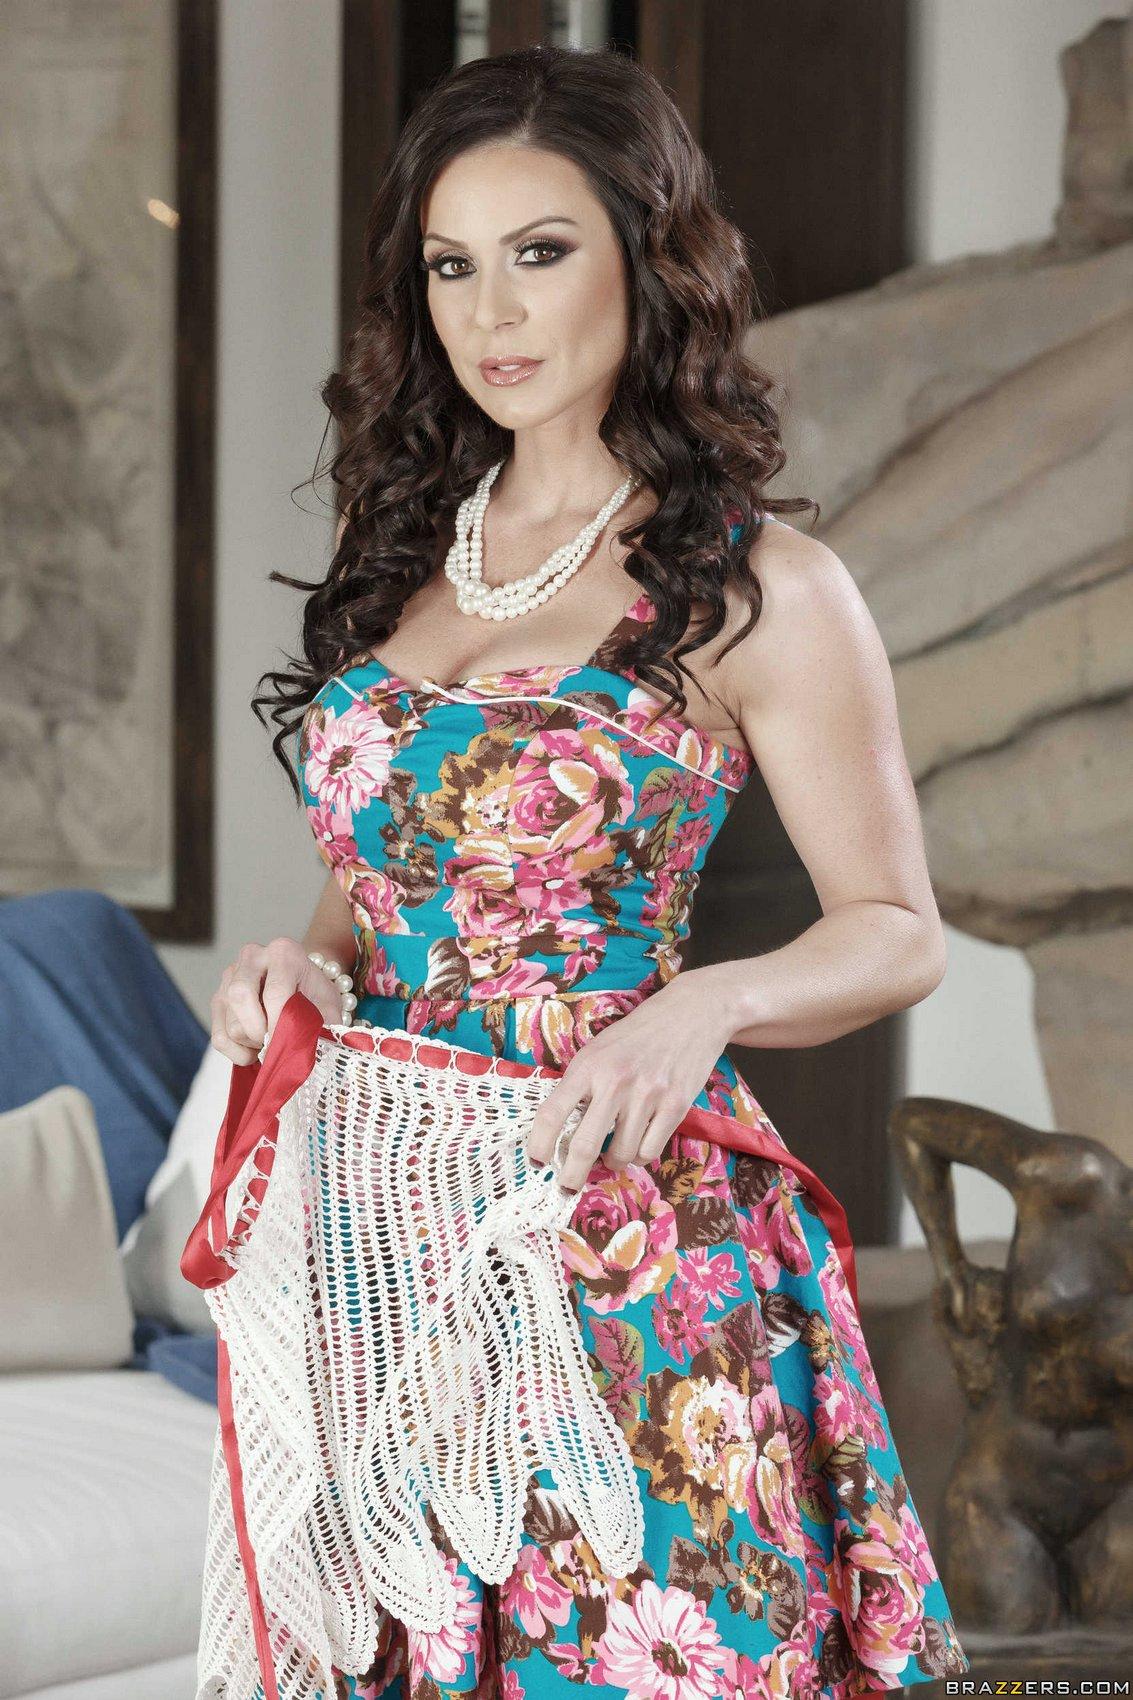 Gorgeosu milf dress